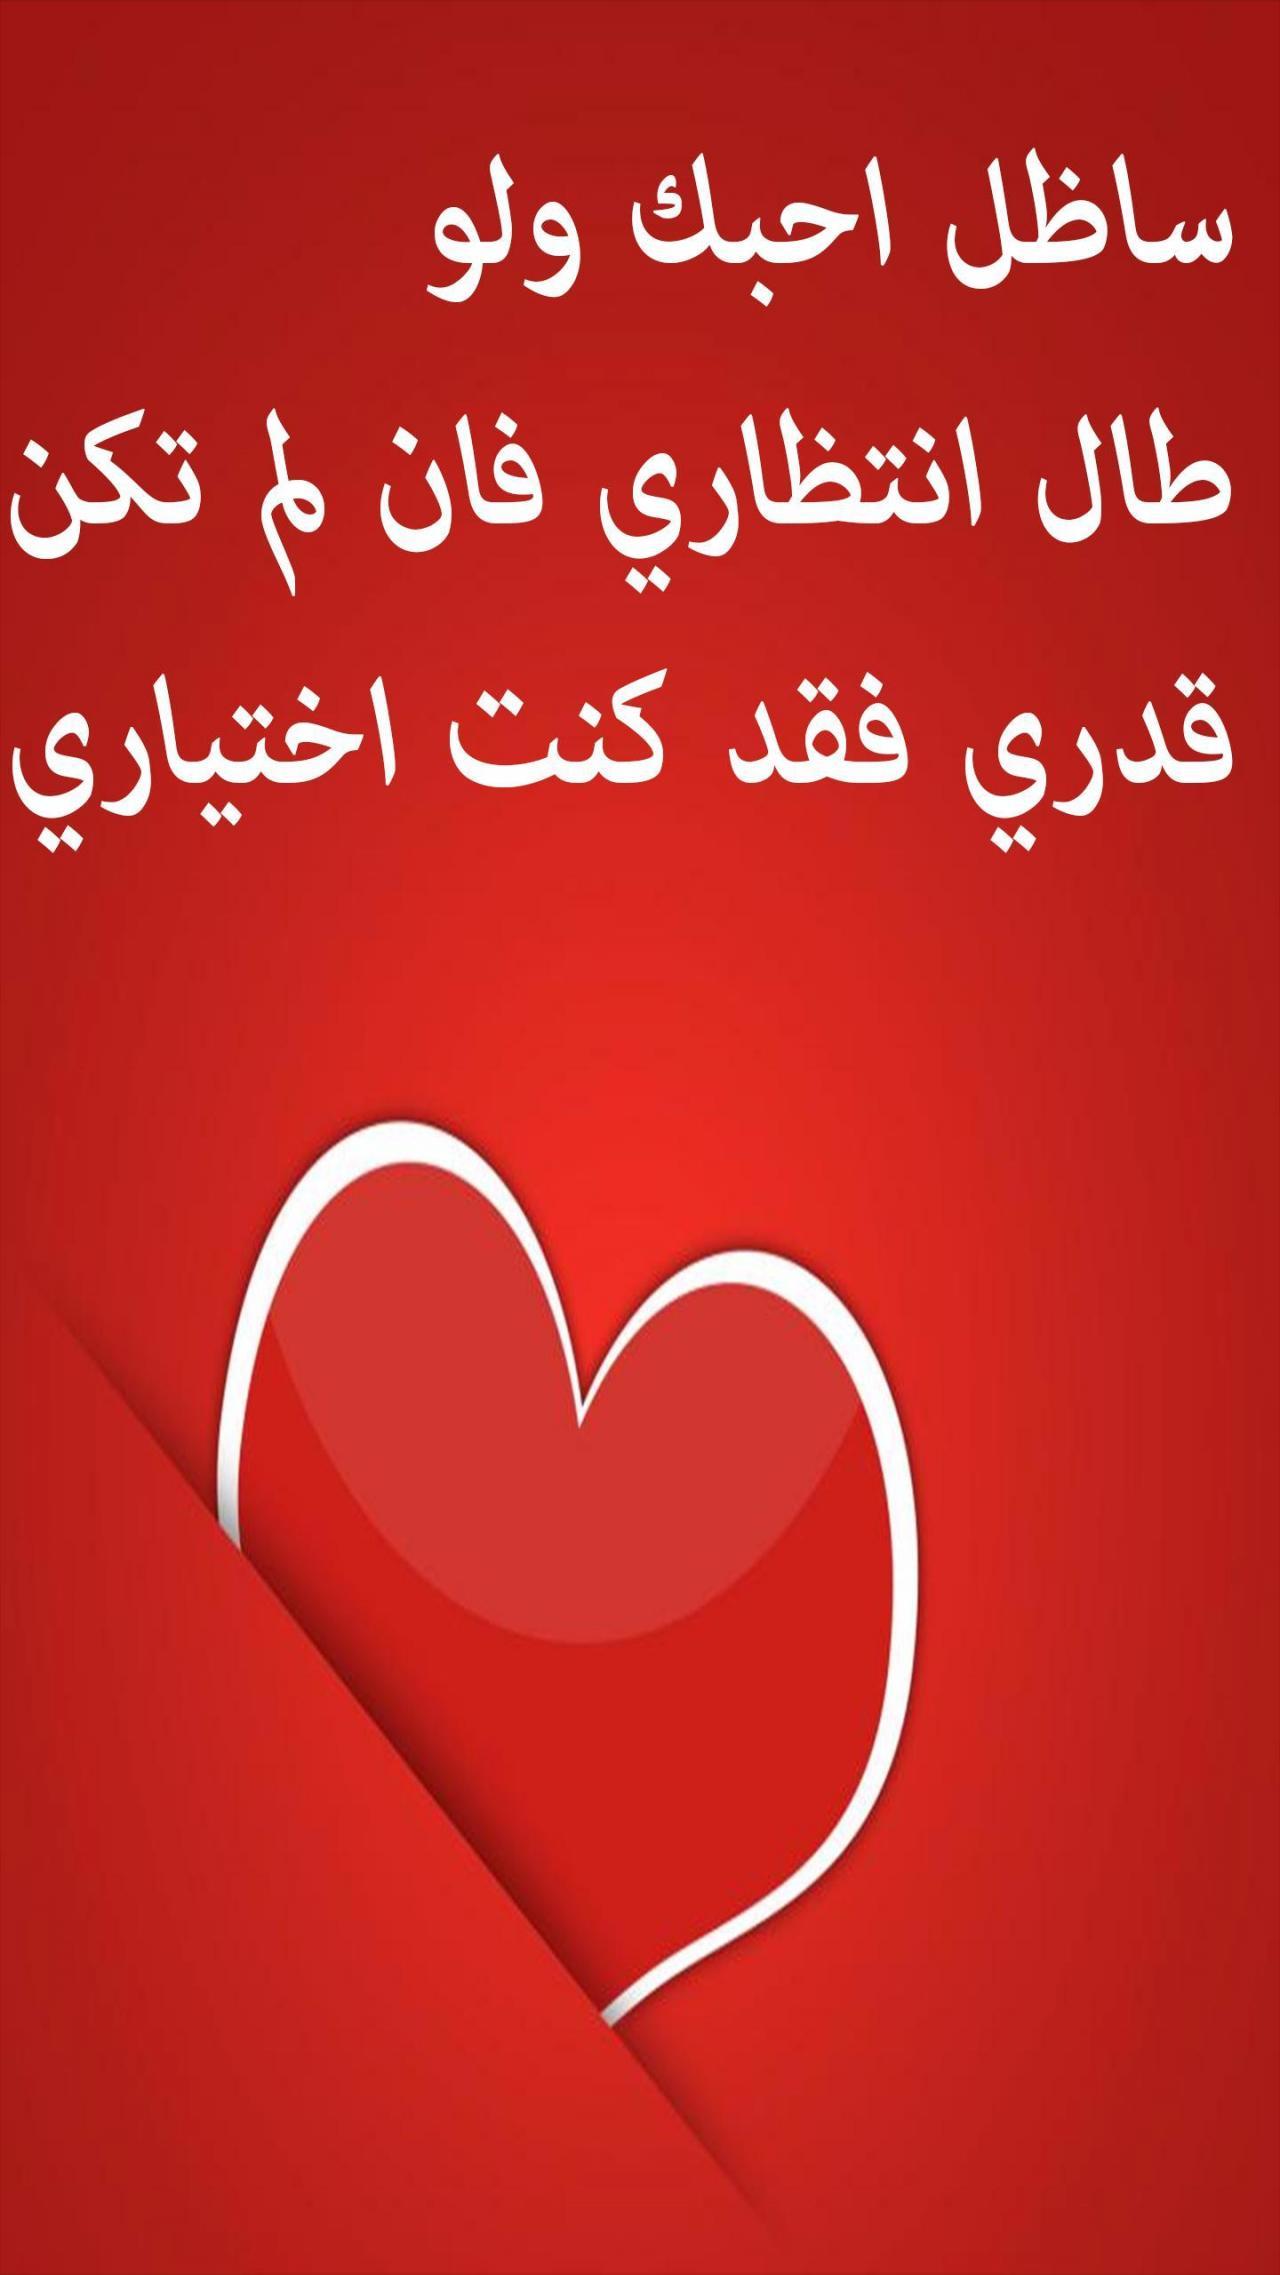 صورة رسائل عن الحب , اهدي الكلمات الرومانسية لحبيبك